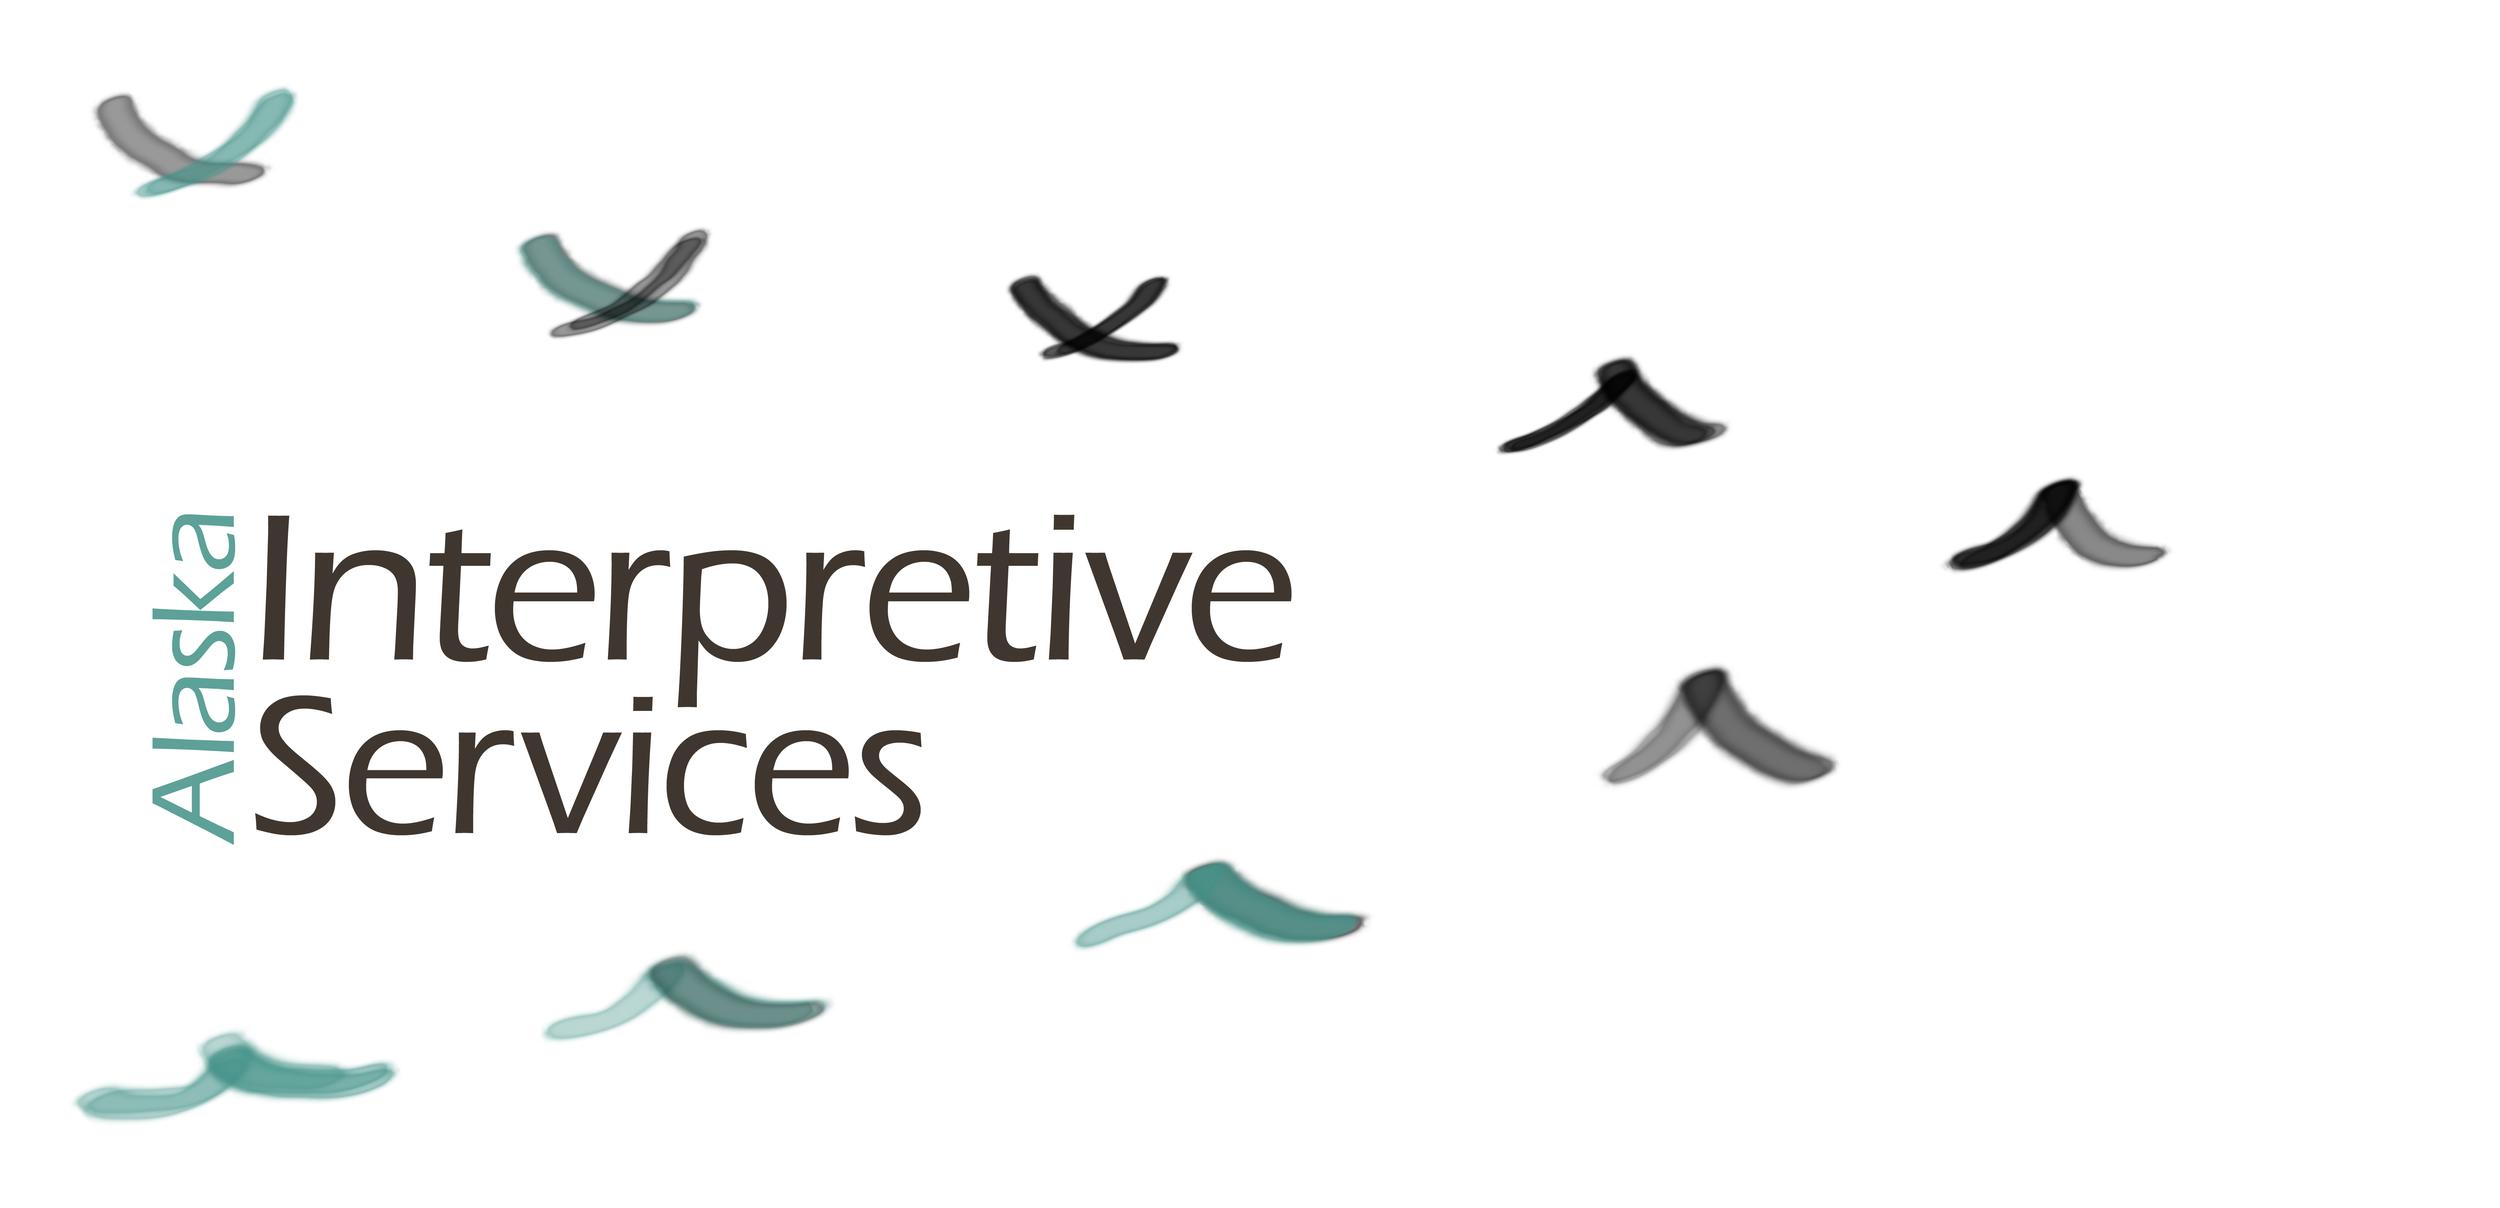 geese, water, mountains logo 11.23.12.jpg